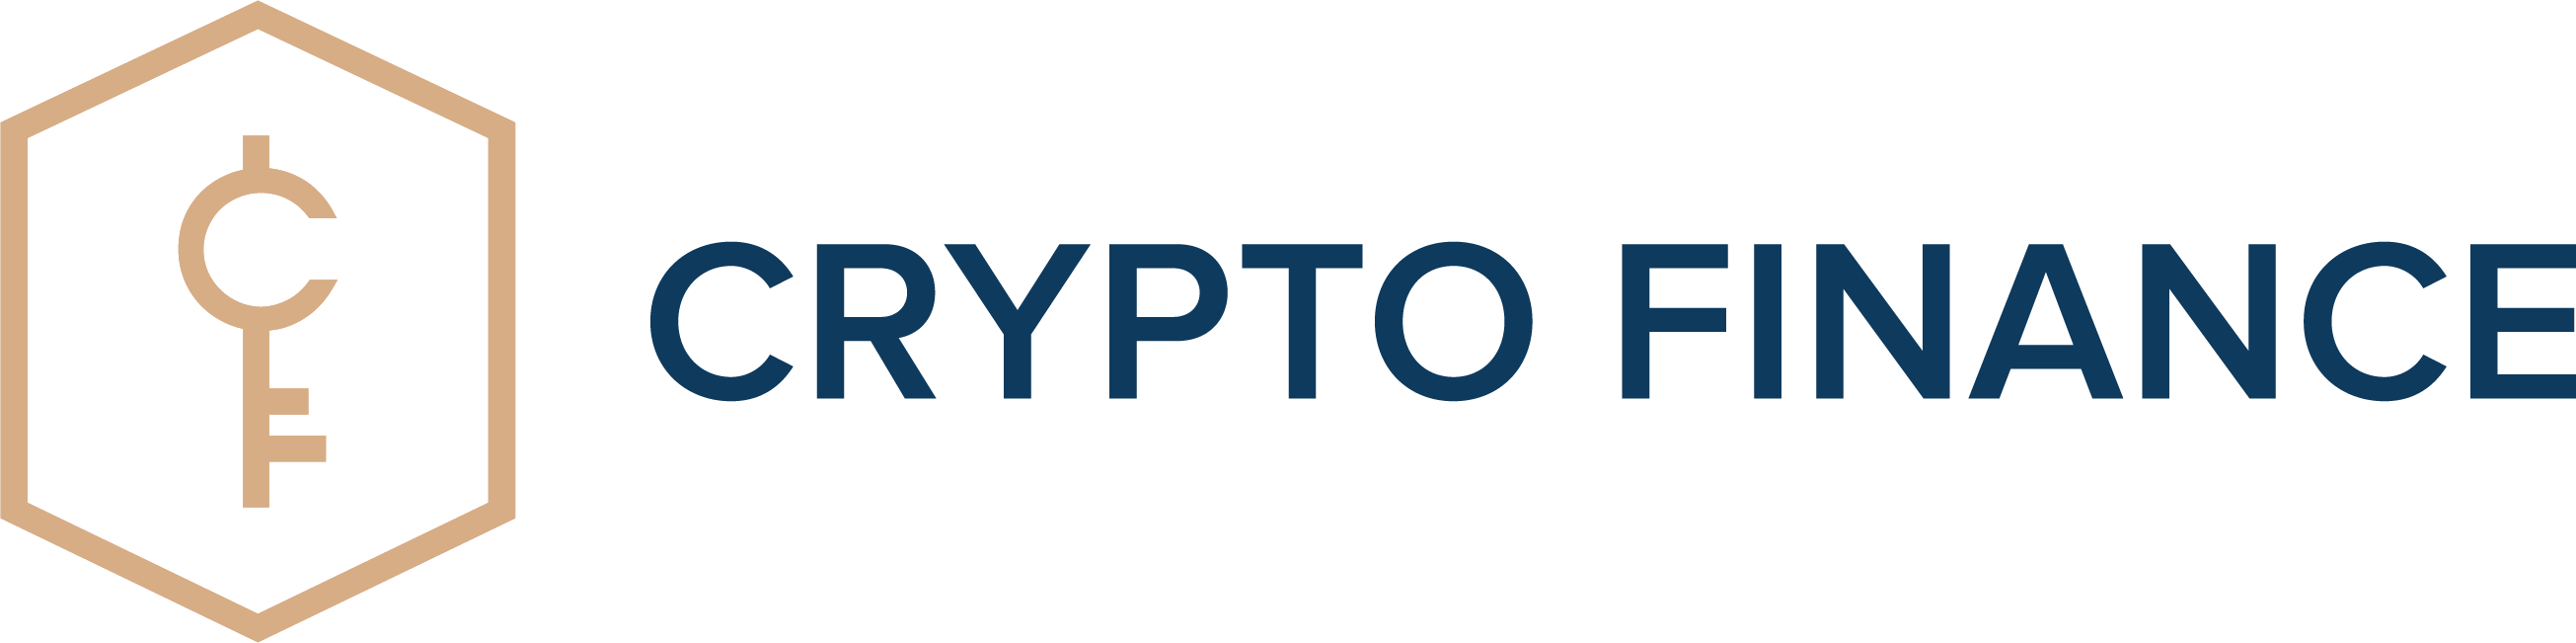 Crypto Finance logo-1